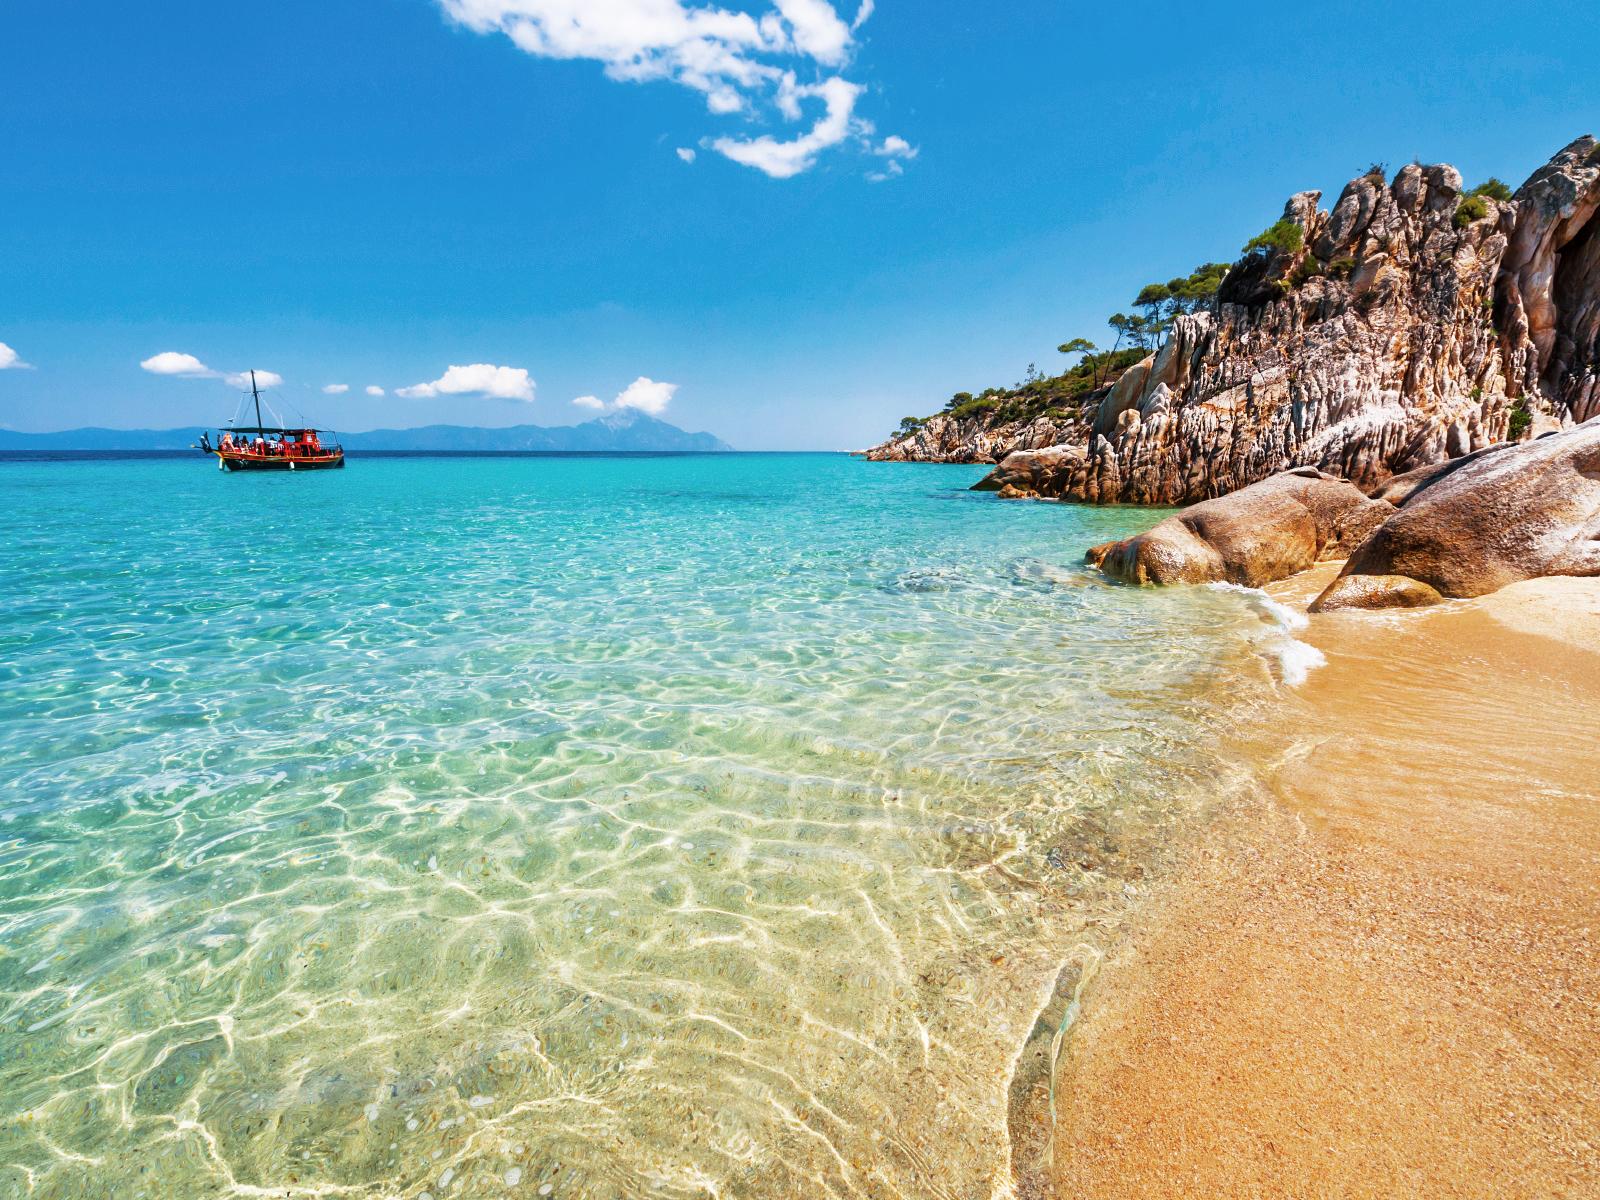 Urlaub Auf Rhodos Buchen Beim Griechenland Experten Tuiat